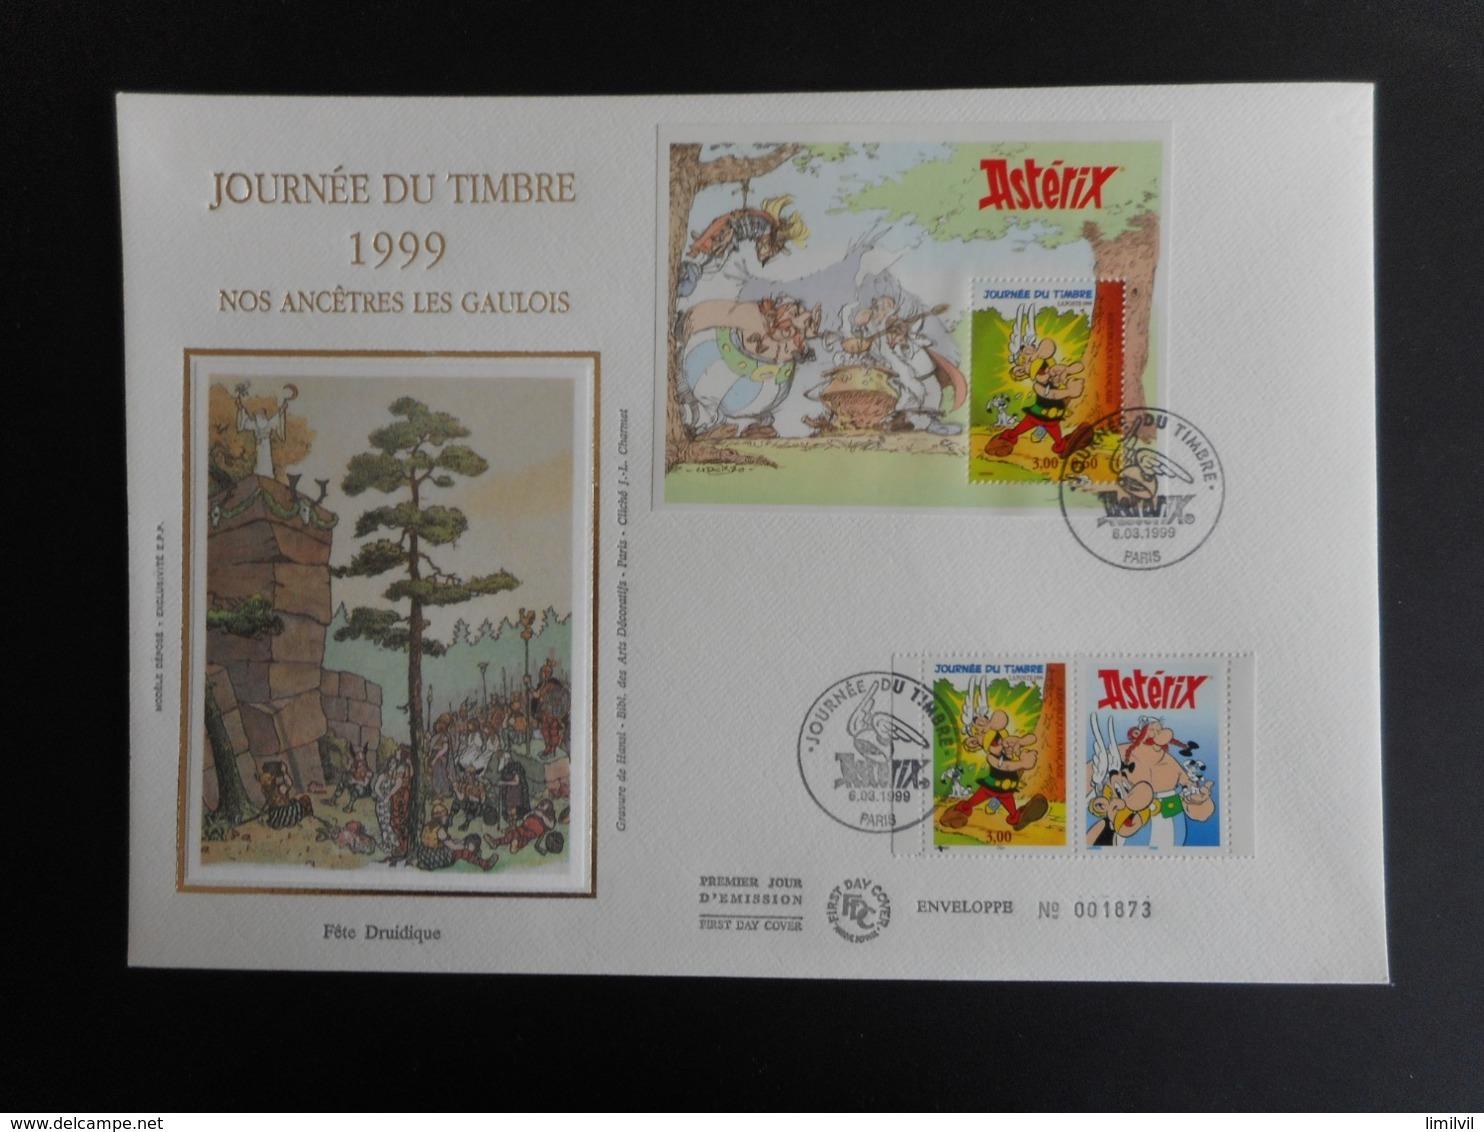 """FDC Grand Format - Bloc Journée Du Timbre 99 """"ASTERIX"""", Oblitération 6/3/1999 - FDC"""